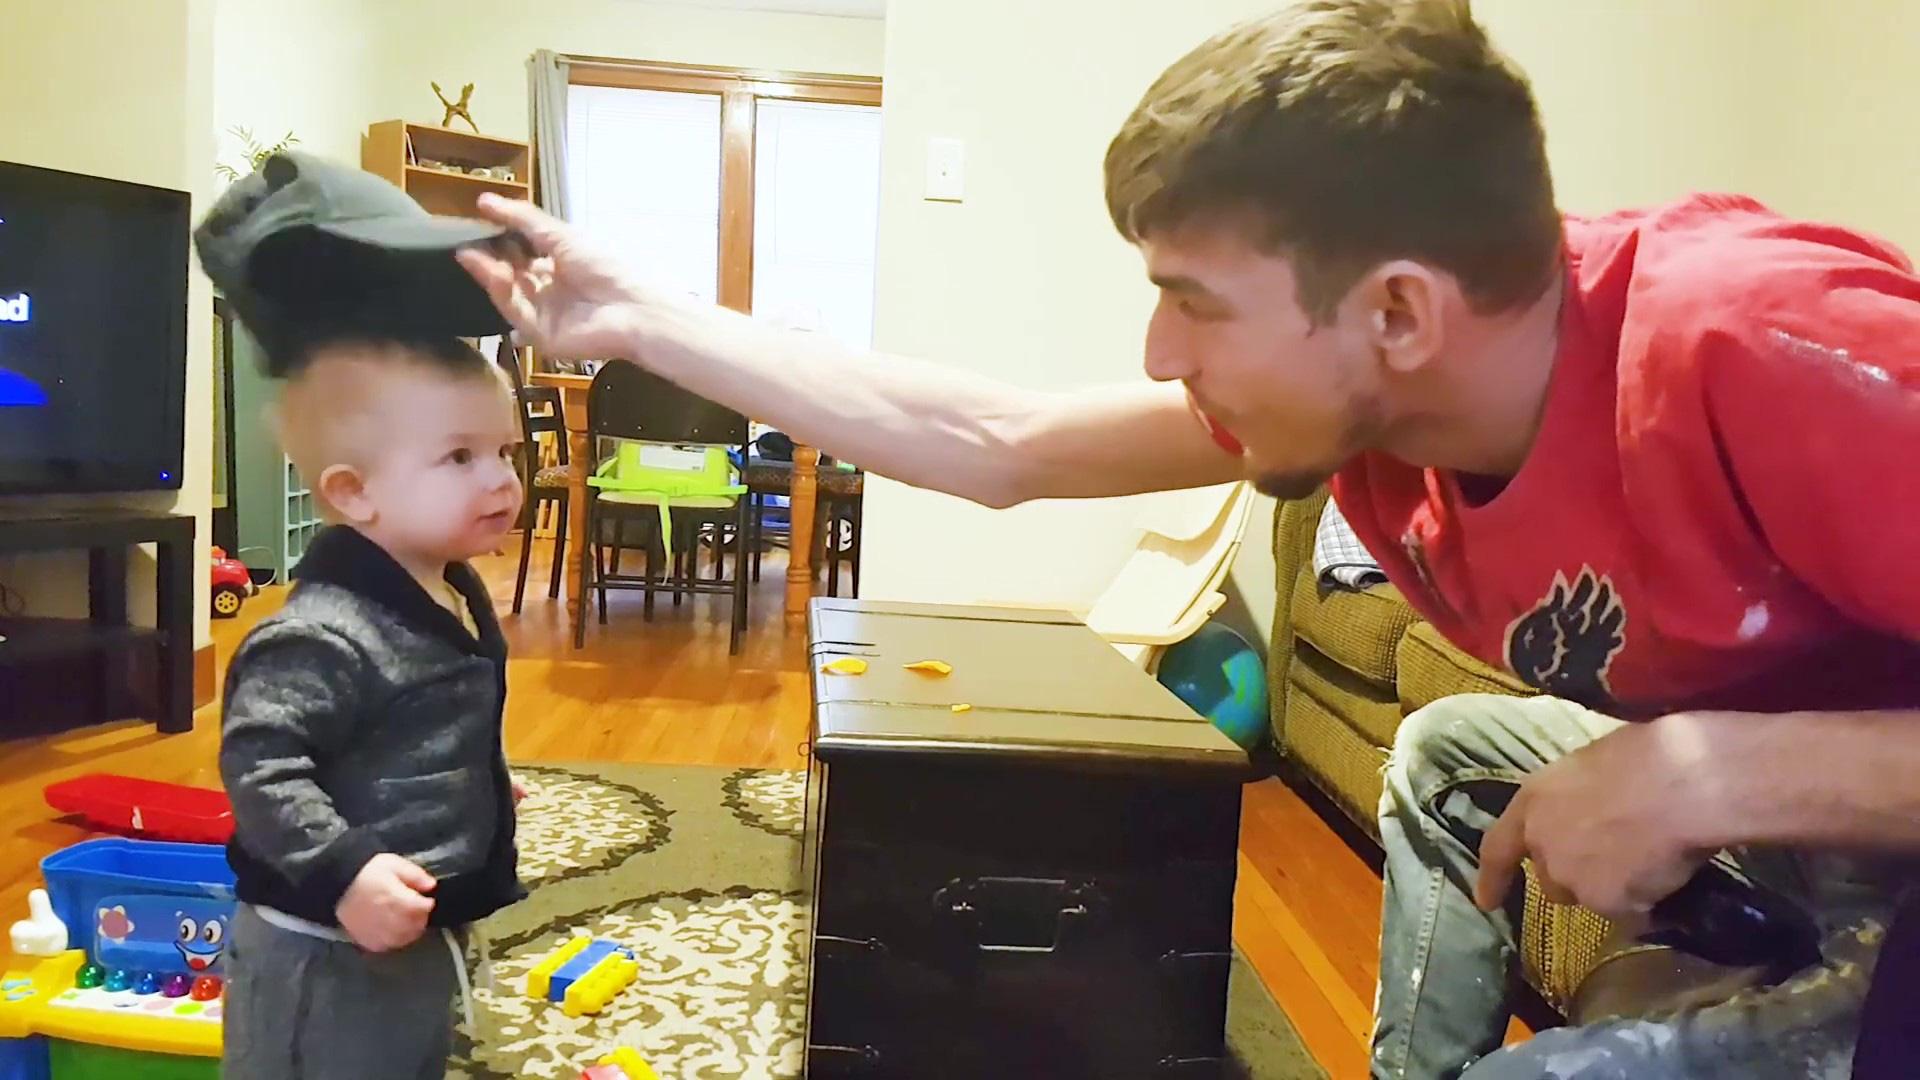 """Video: """"Tan chảy"""" với những tiếng cười trẻ thơ khi chơi với bố - Ảnh 6."""